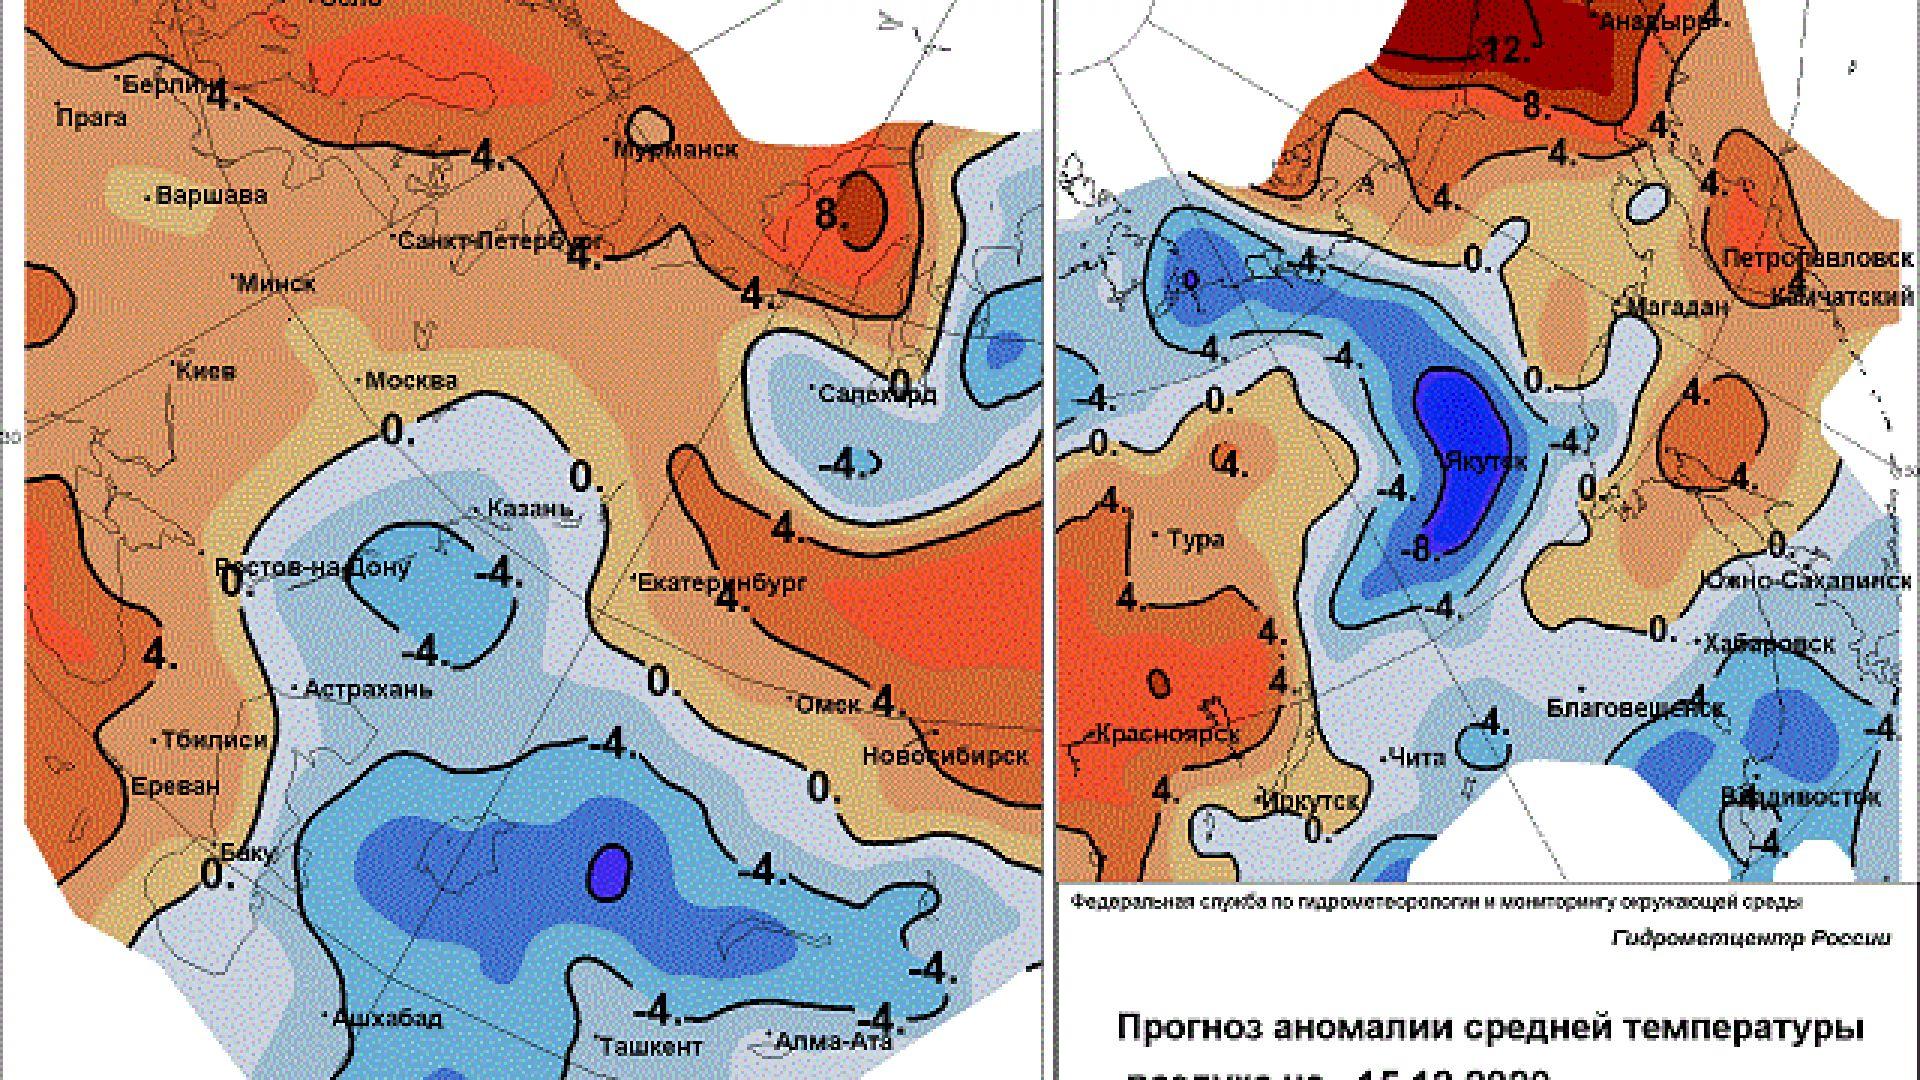 В Сибир студът се бори с по-топли въздушни маси от запад